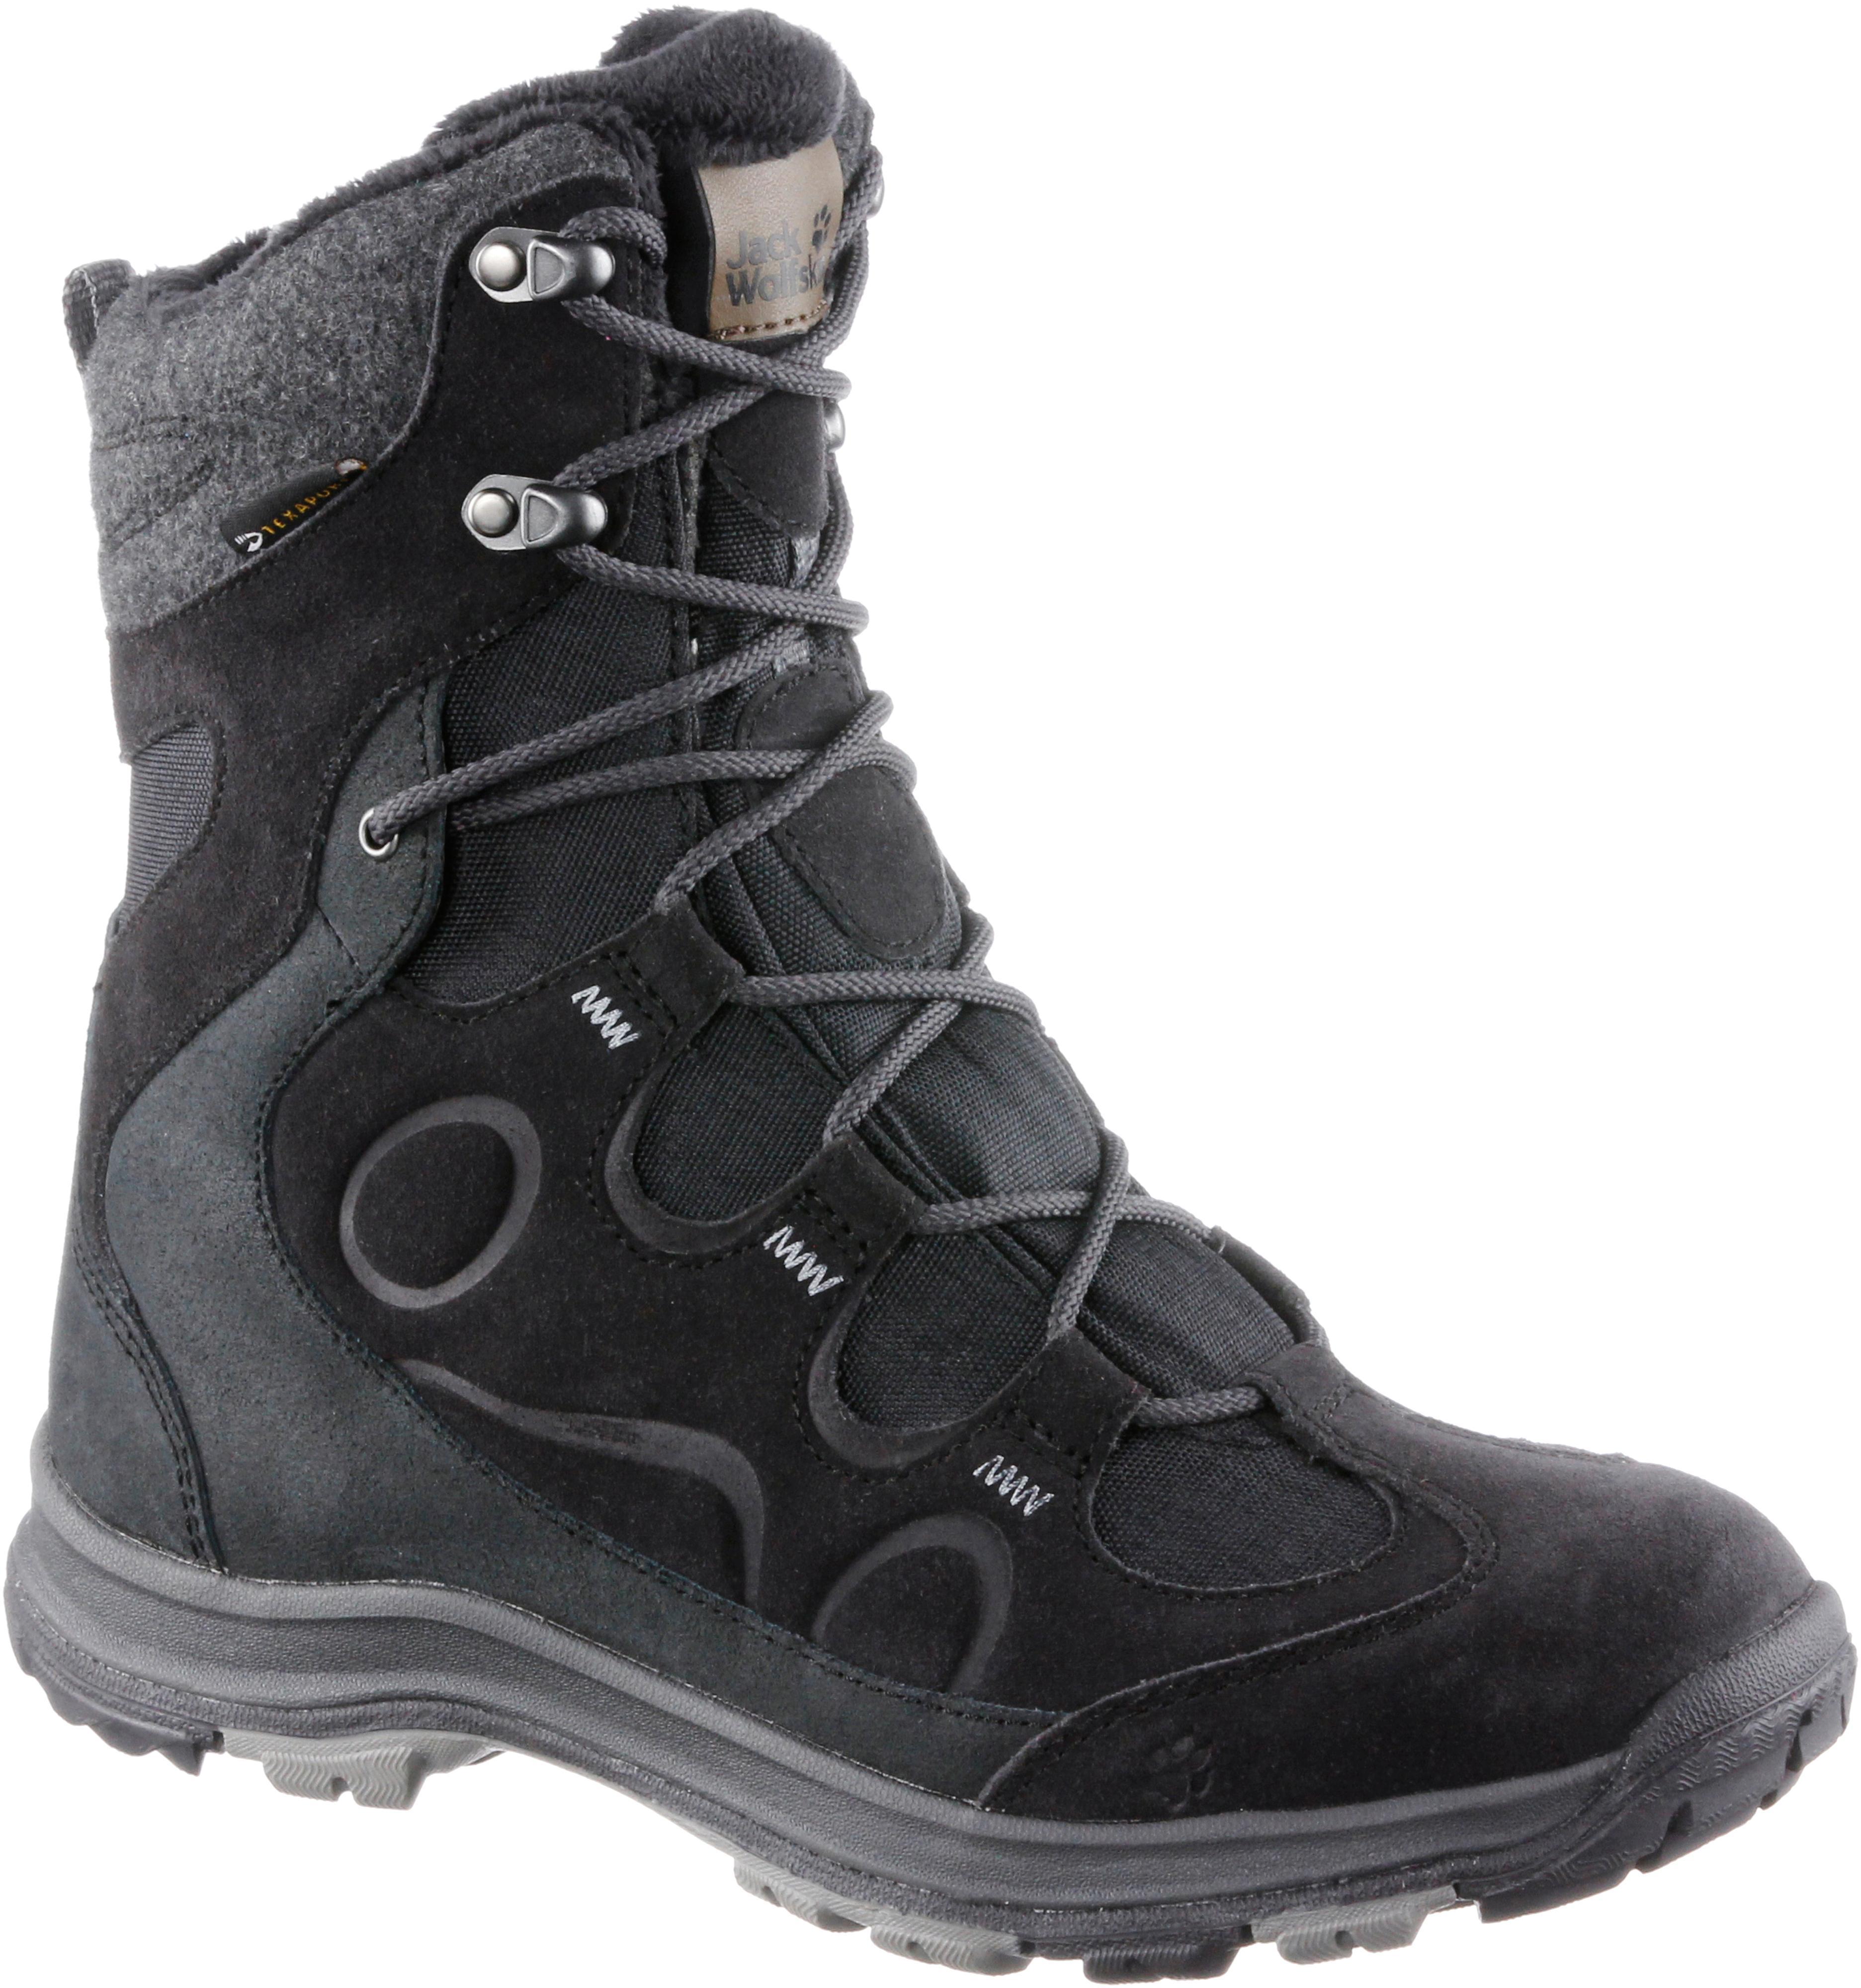 brand new 16708 2f2f3 Jack Wolfskin Thunder Bay Texapore High Boots Damen schwarz im Online Shop  von SportScheck kaufen